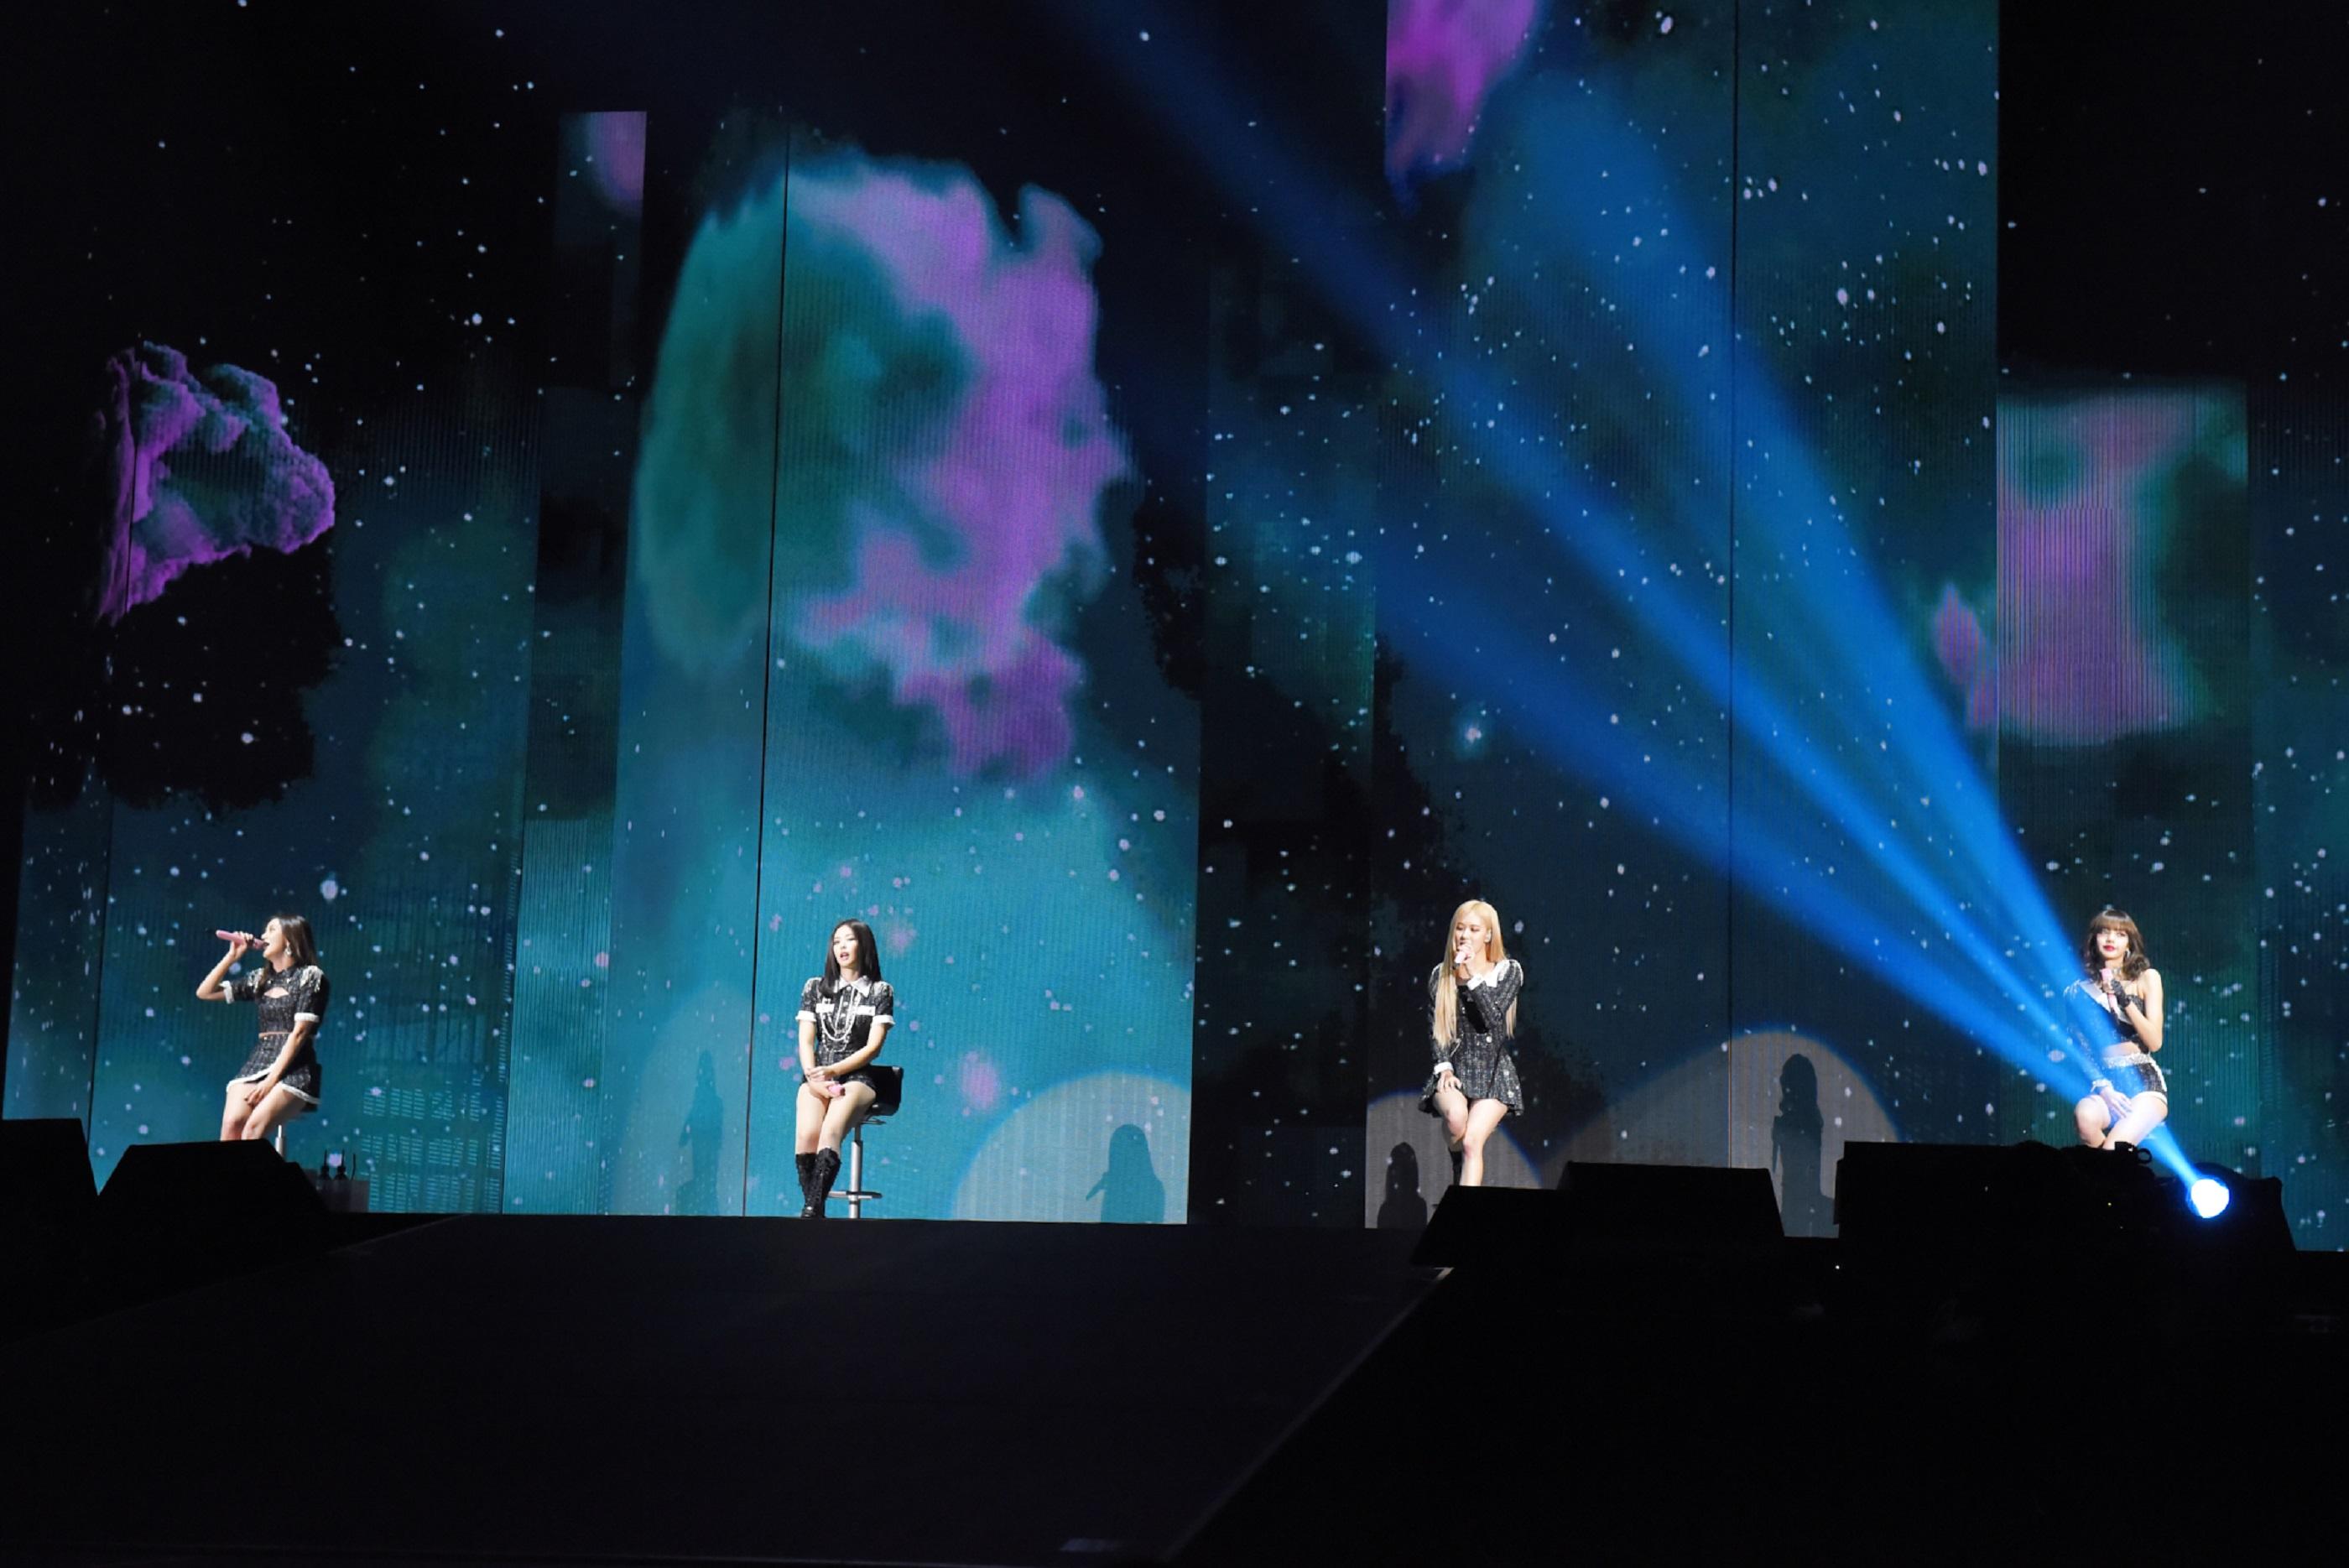 【BLACKPINKライブレポート】BLACKPINK旋風が東京ドームに到来! 世界レベルのパフォーマンスに力をもらう_2_3